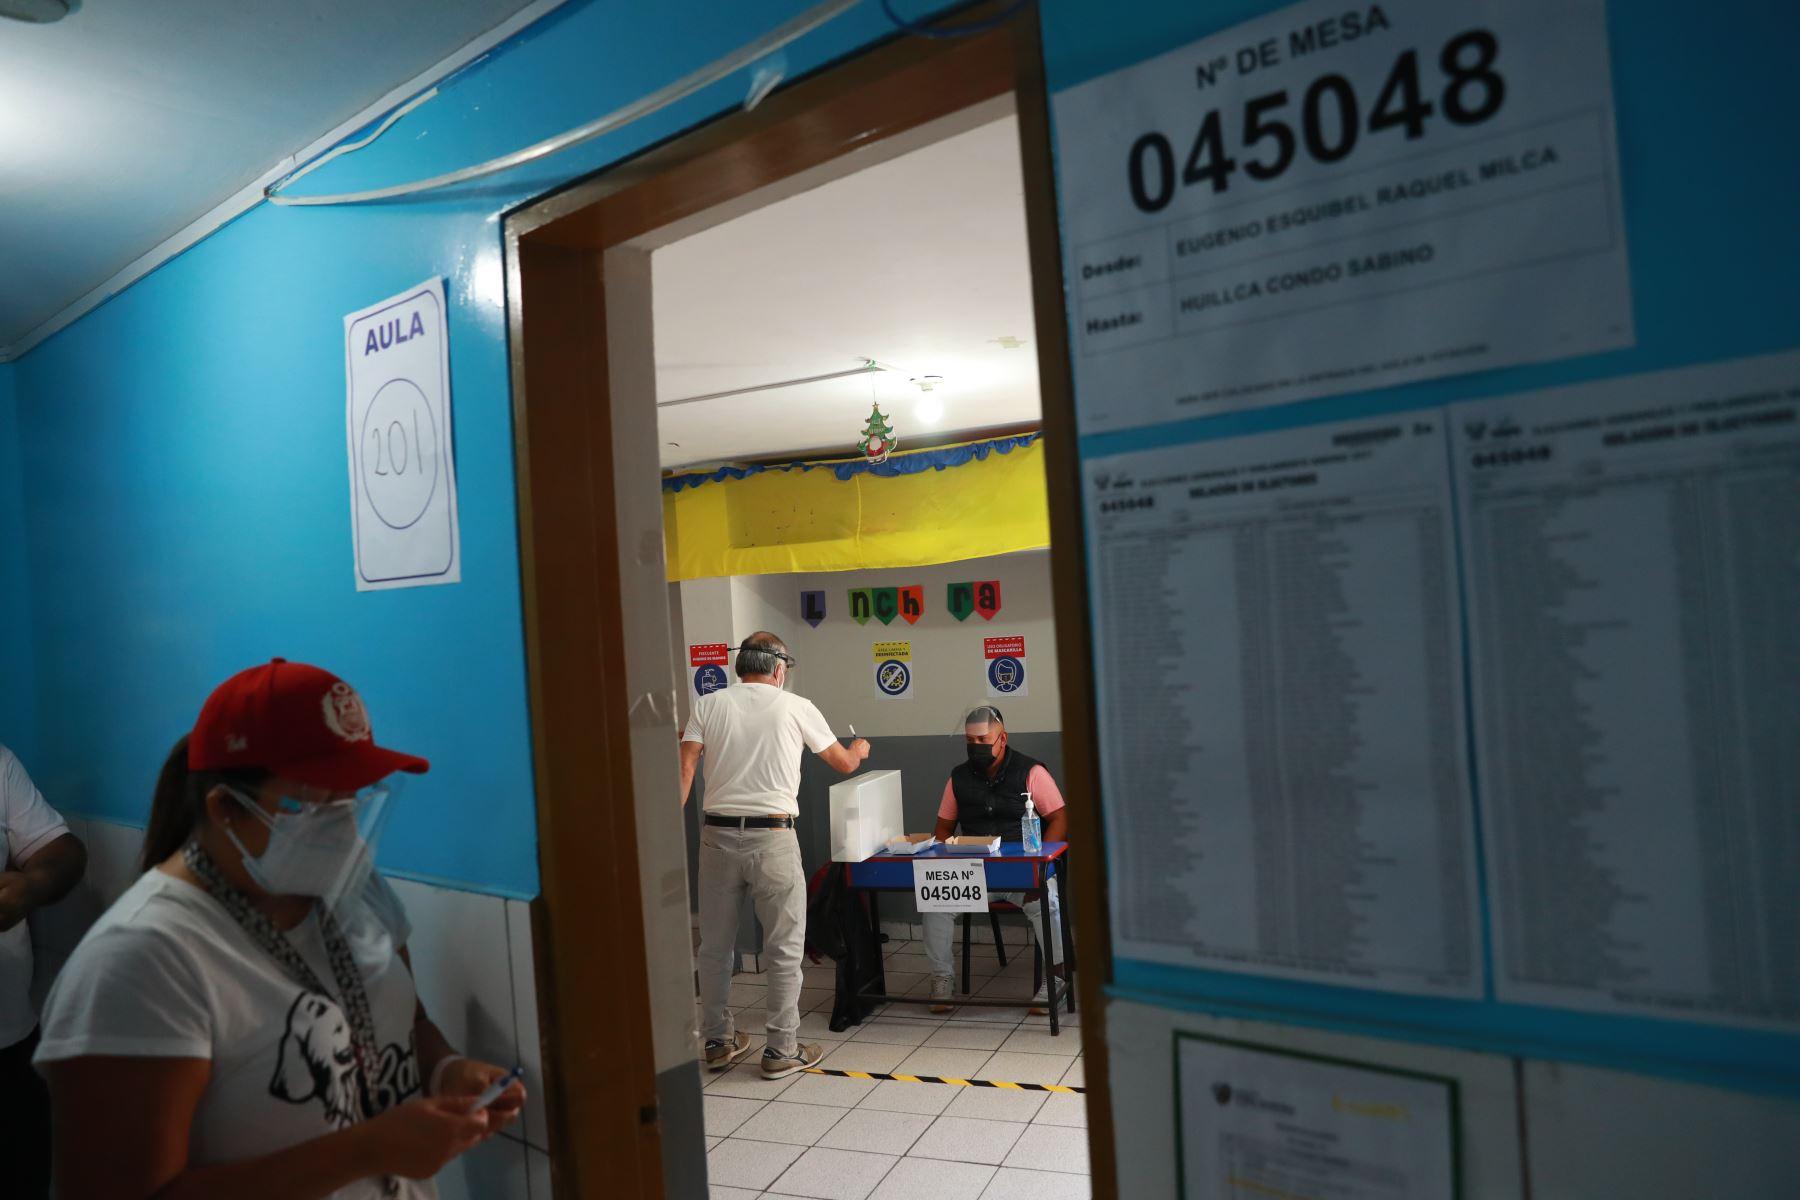 LIMA (PERÚ), 11/04/2021.- Veinticinco millones 287 mil 954 peruanos, en el país y en el extranjero, participan hoy en los comicios generales para elegir al Presidente de la República, dos vicepresidentes, 130 congresistas y cinco parlamentarios andinos.  Foto: ANDINA/ Carla Patiño